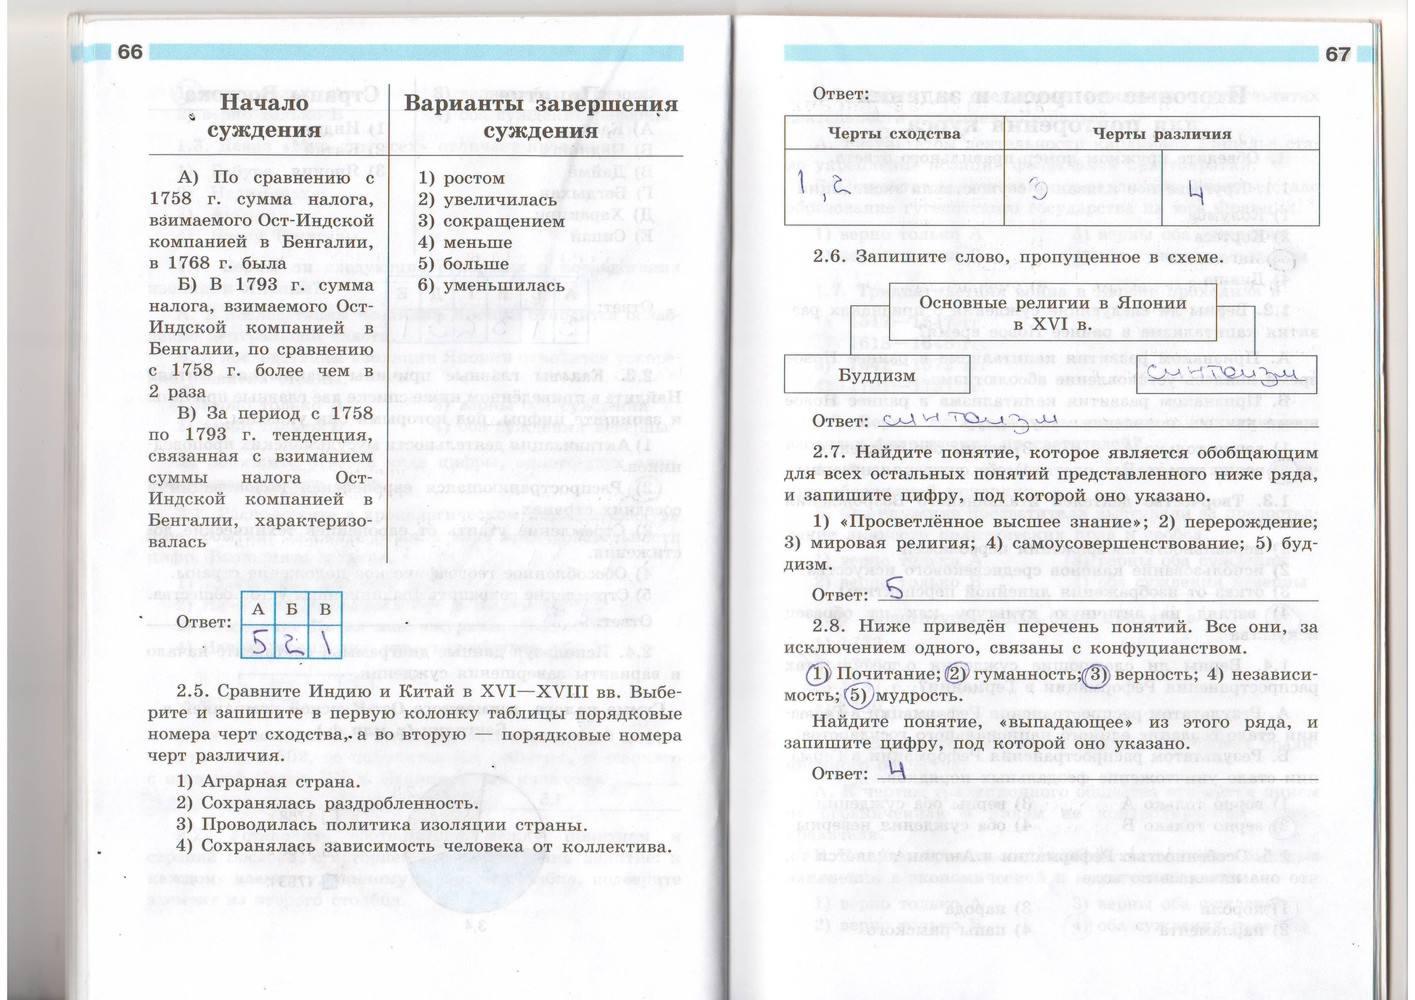 ванюшкина2003 7 юдовская баранов учебник истории по гдз класс